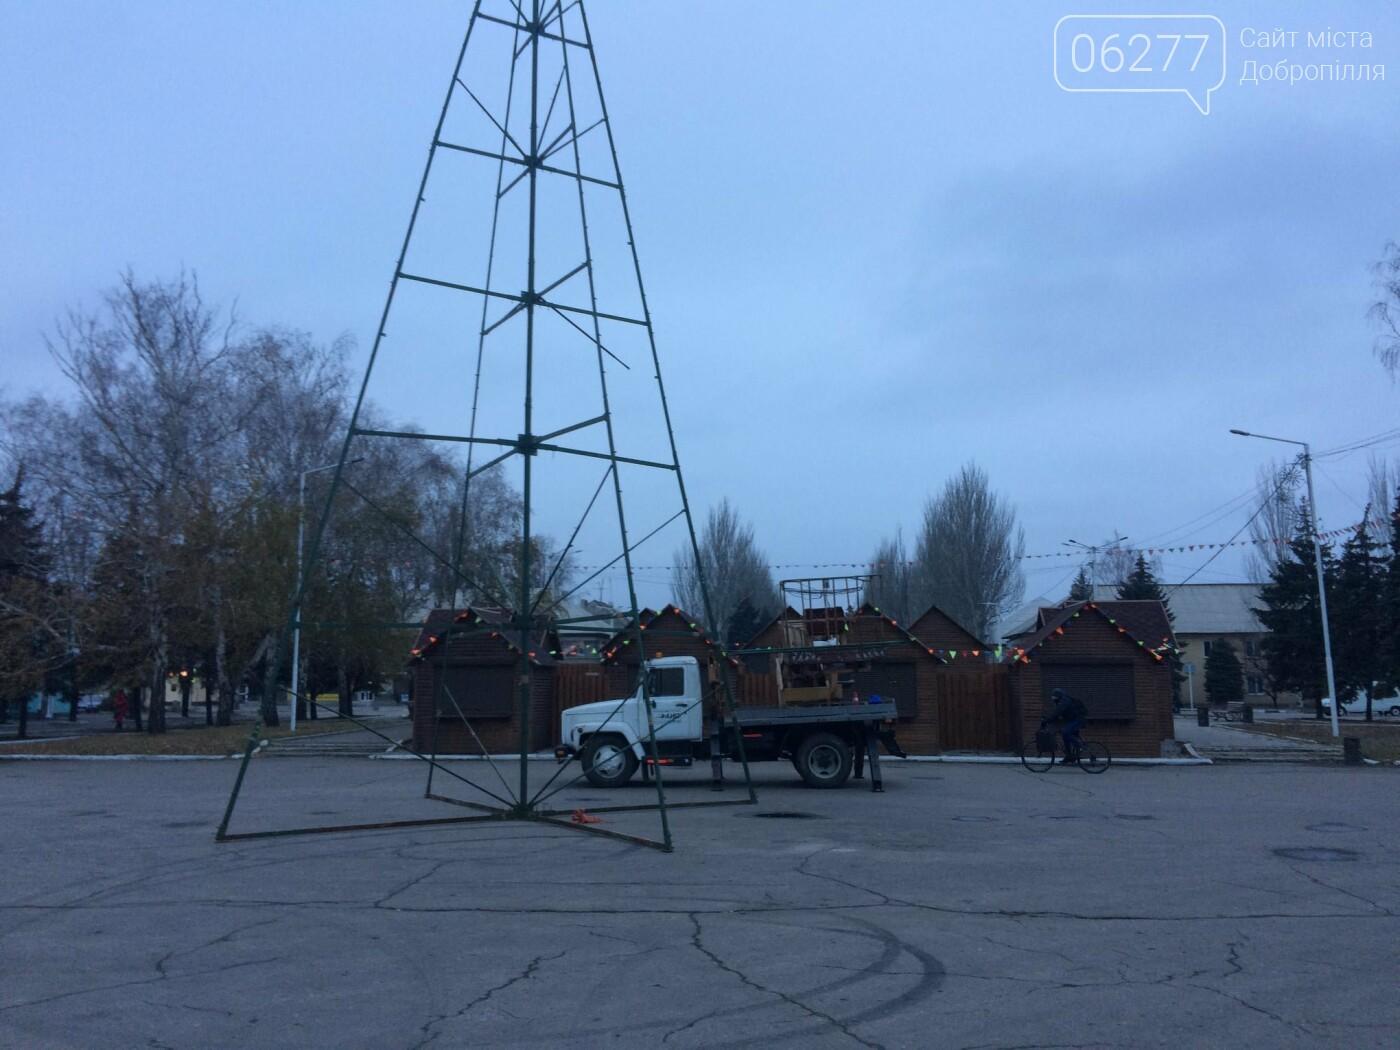 В Доброполье устанавливают новогоднюю ёлку, фото-1